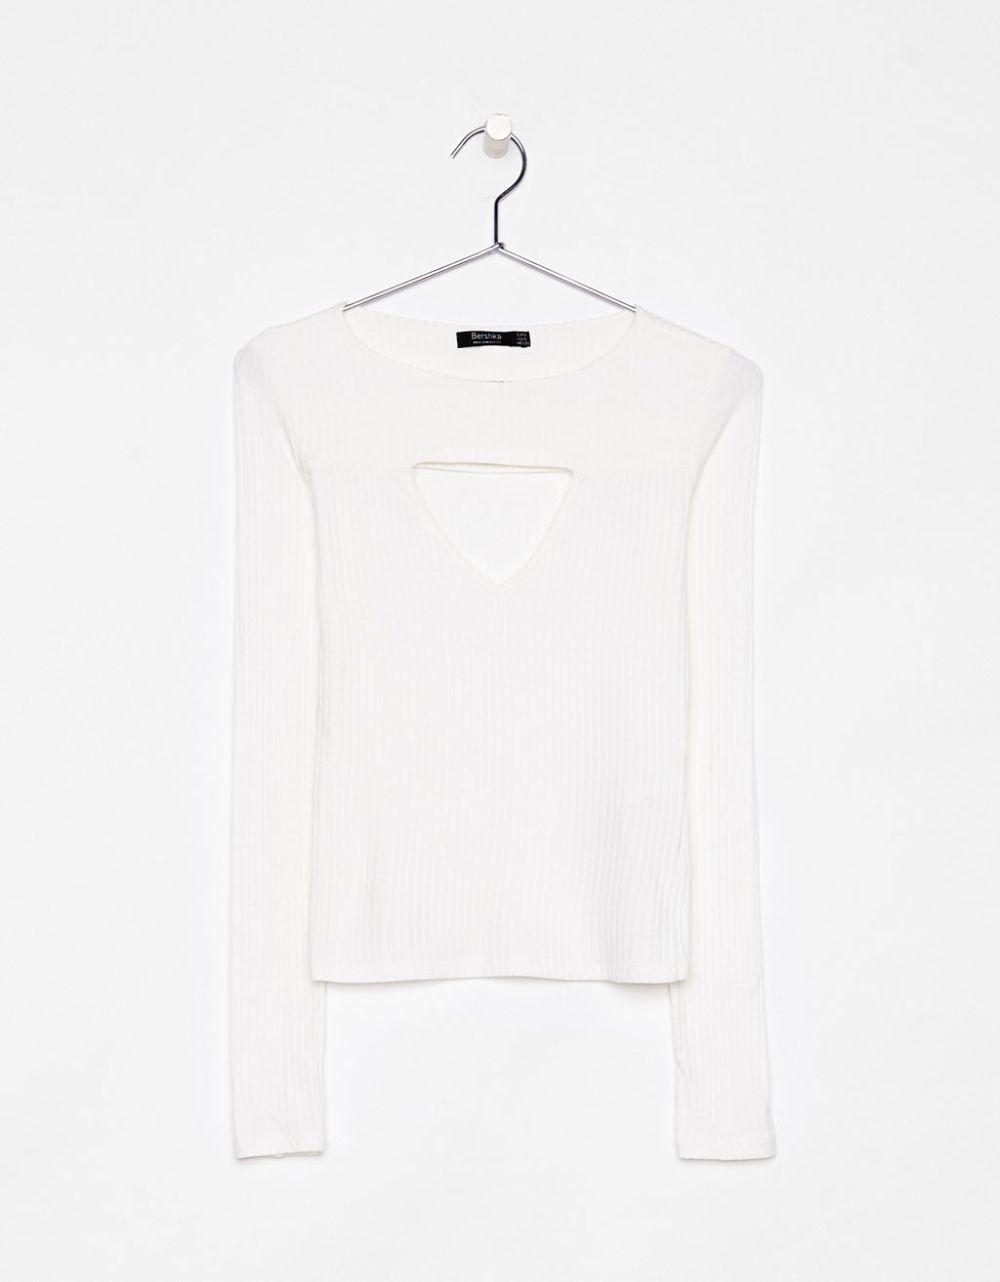 Camiseta con detalle en el escote de Bershka (12,99 euros)